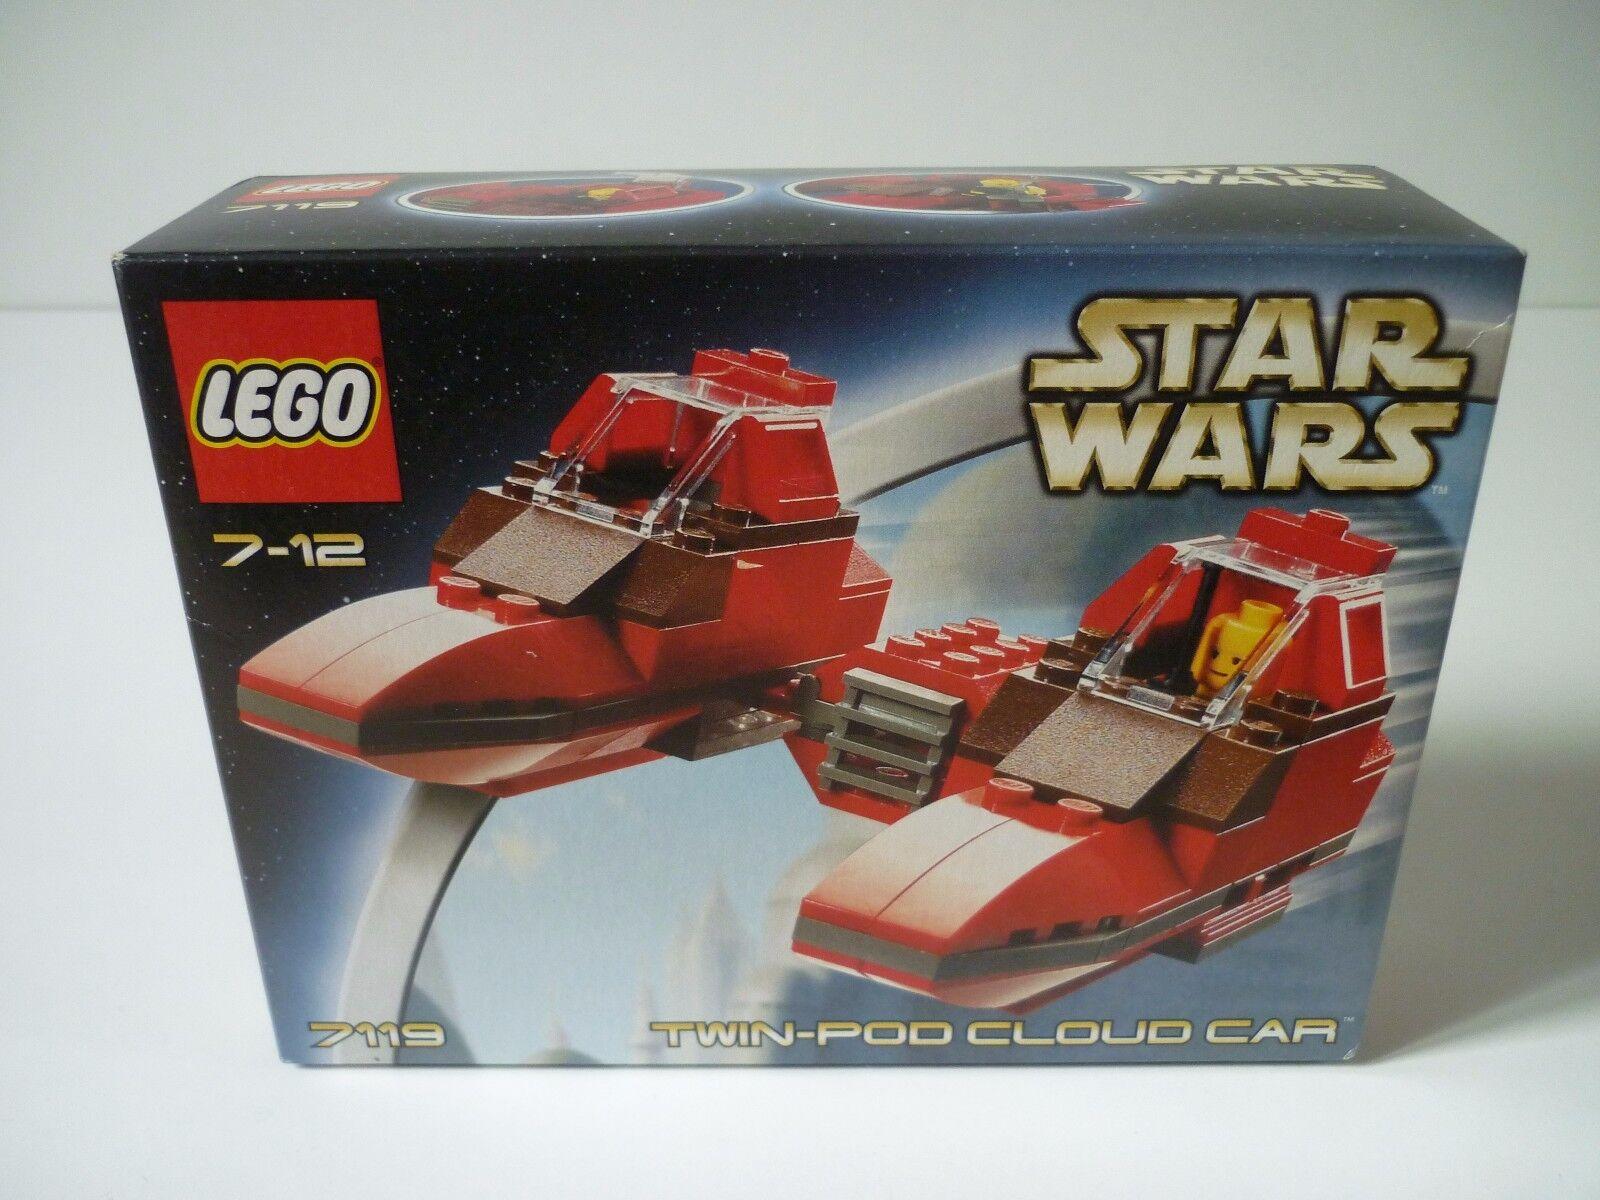 Superbe Noël sonné sonné, accueille les célébrations du du du nouvel an Lego Star Wars 7119 Twin-Pod Cloud Car [ Neuf ] 5cd56c